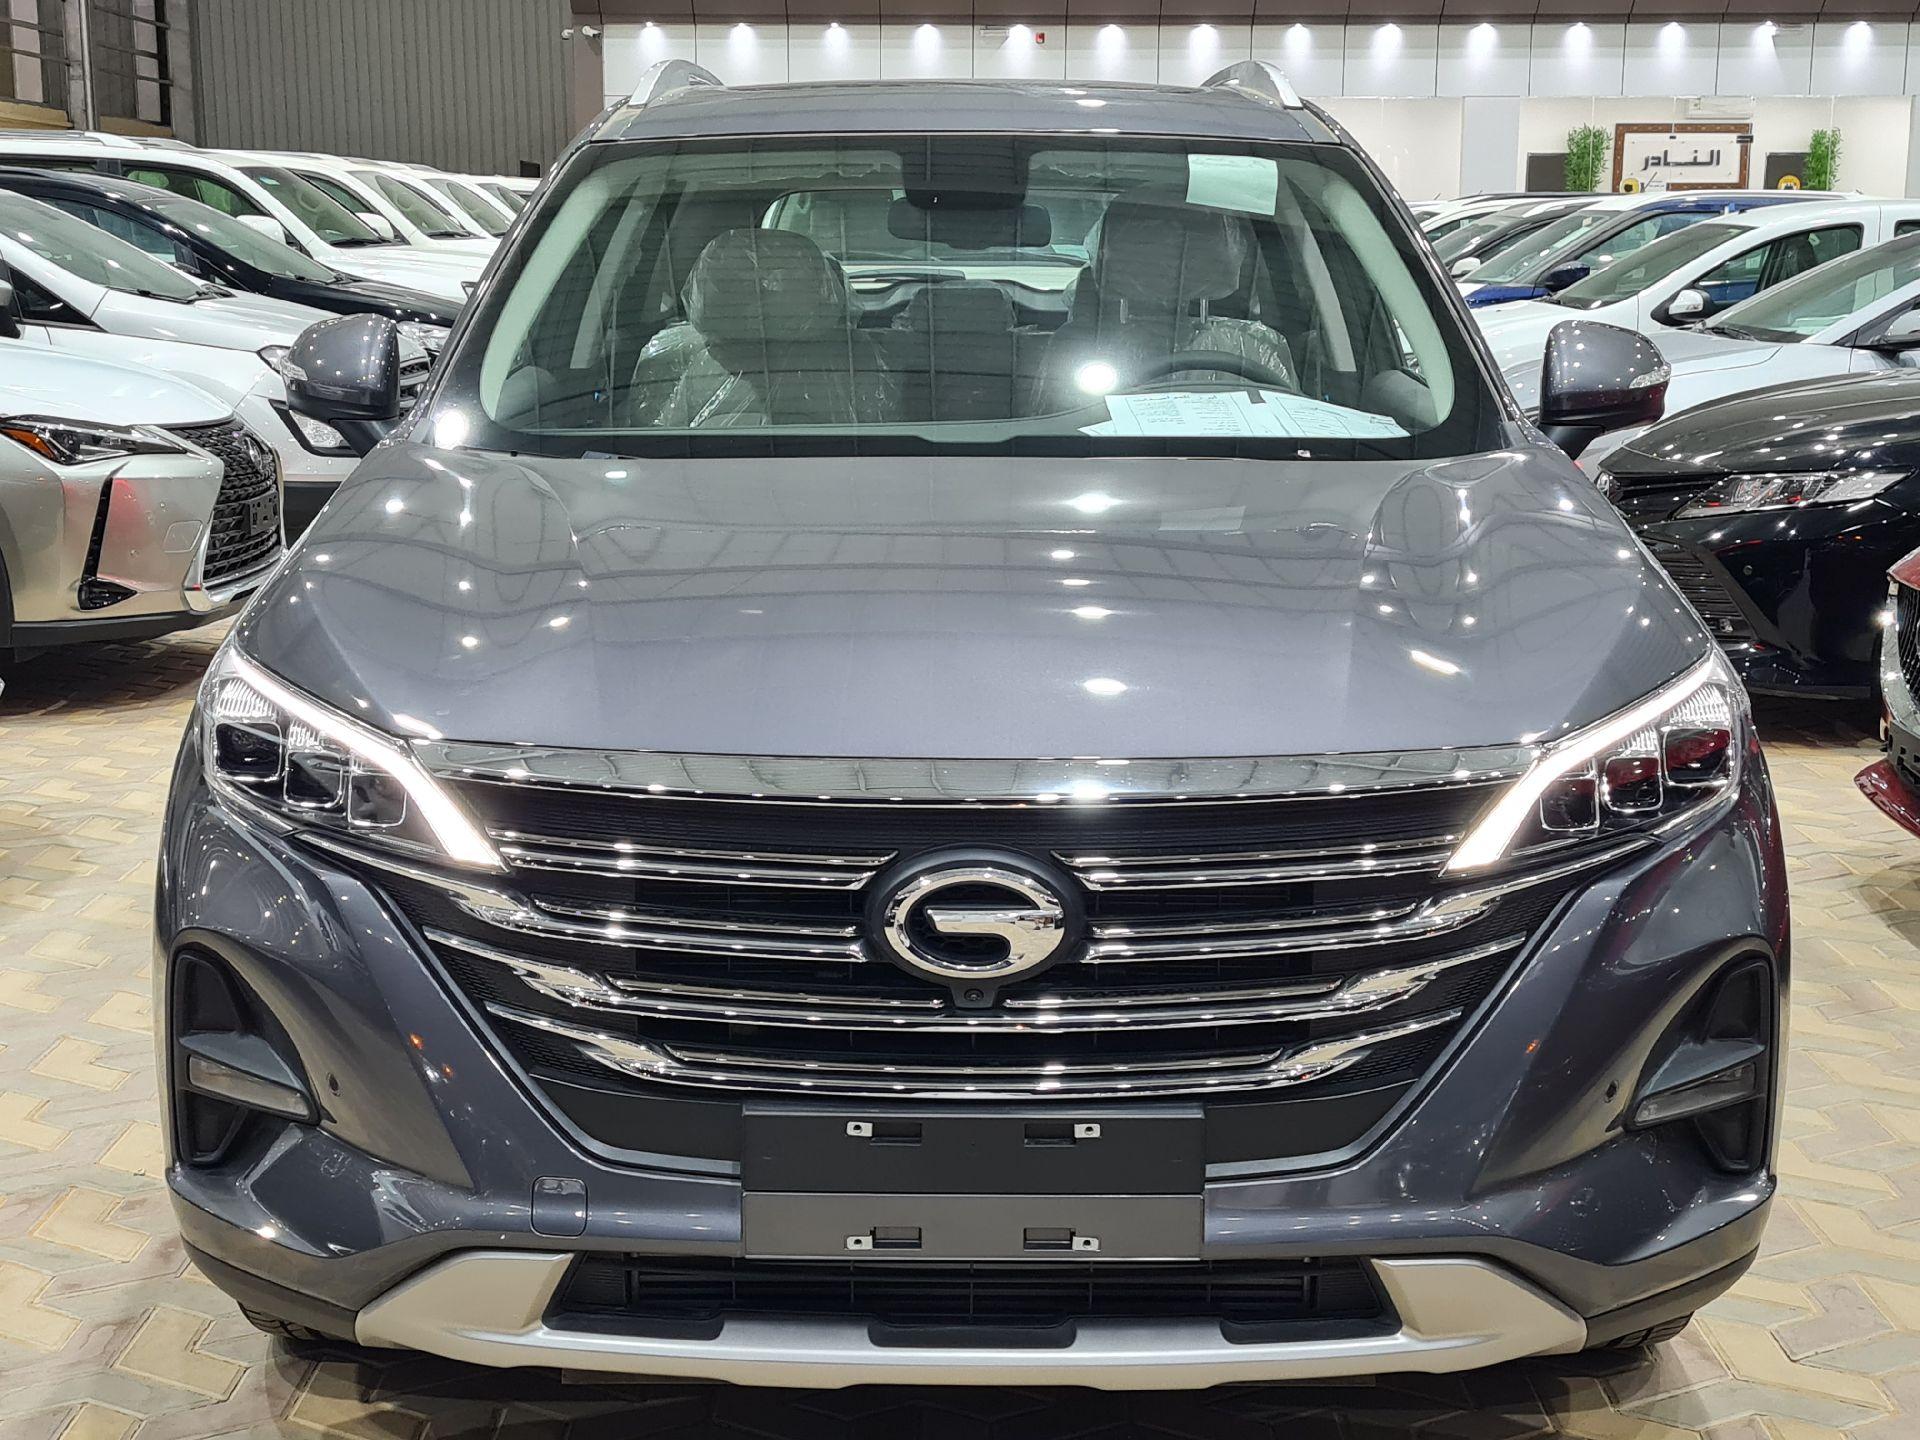 جي أيه سي GS5 فل  2021 سعودي جديد للبيع في الرياض - السعودية - صورة كبيرة - 4